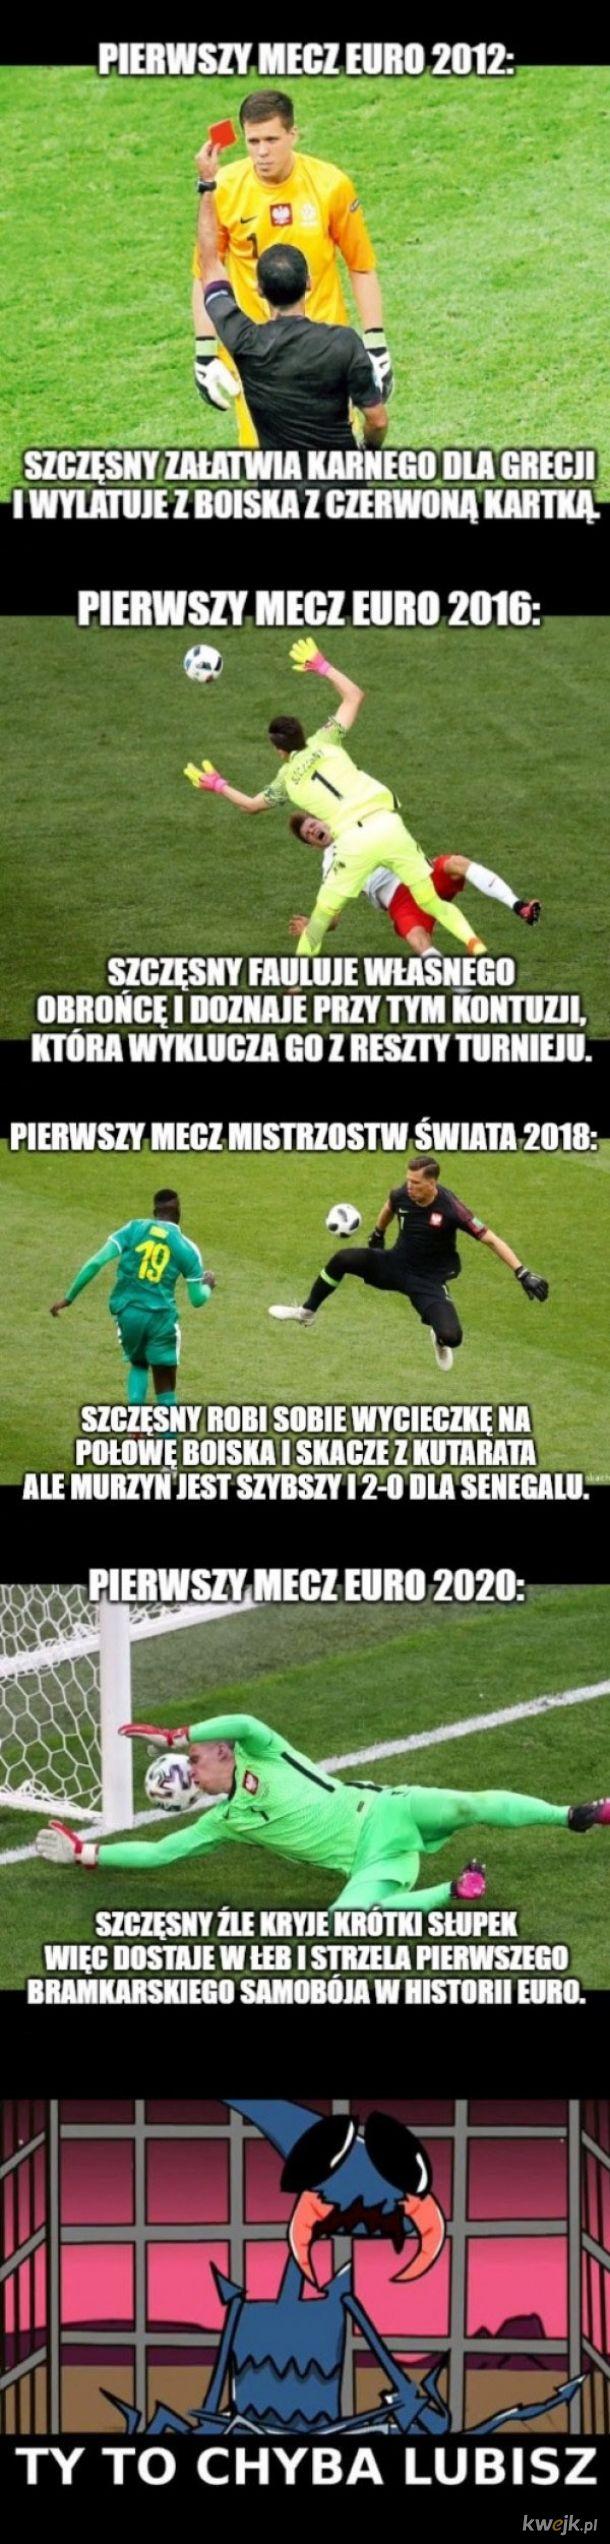 Reakcje internutów po meczu Polska - Słowacja część II, obrazek 15